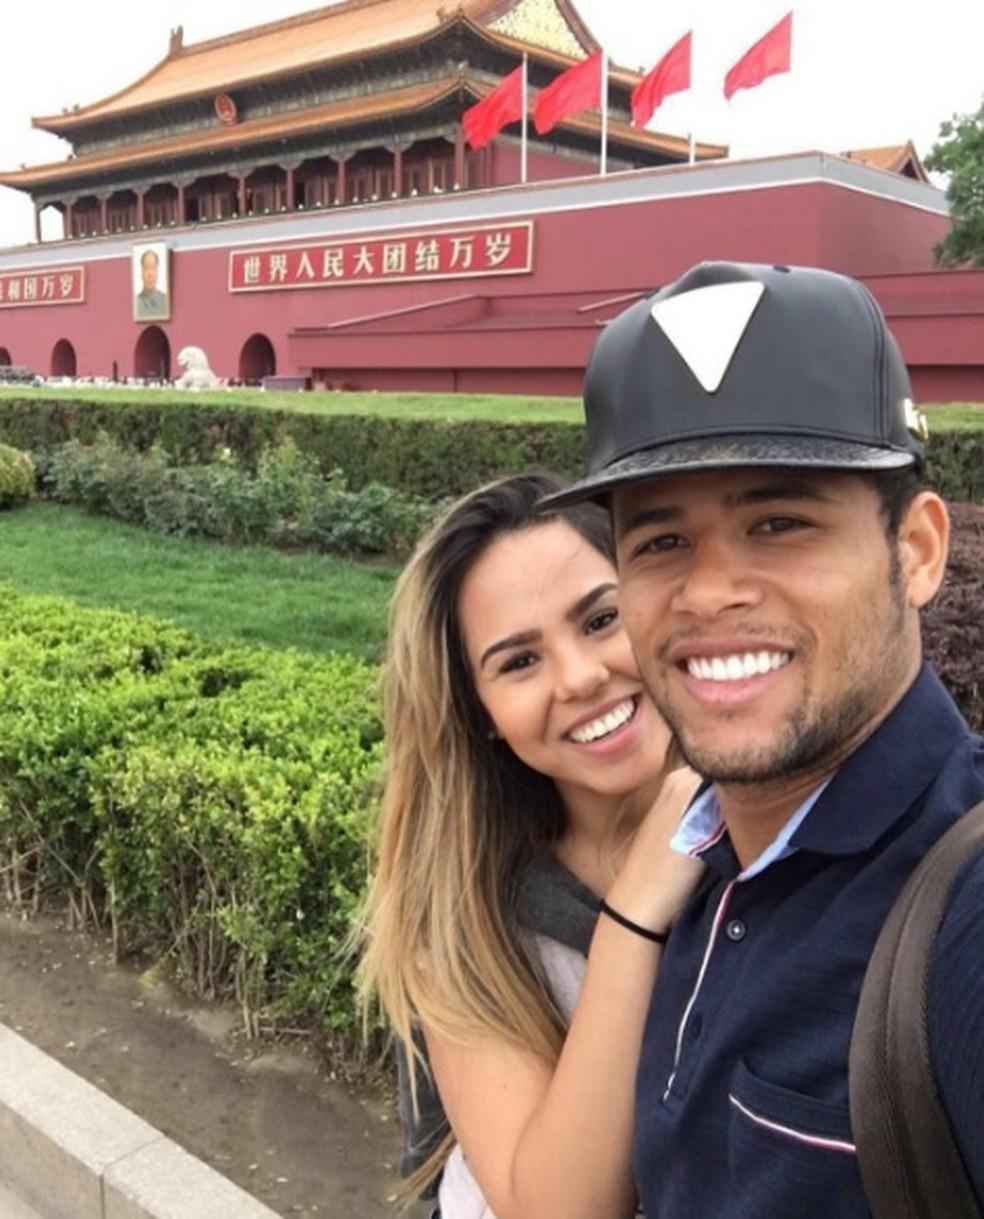 Geuvanio posa para selfie com esposa na China (Foto: Arquivo Pessoal)